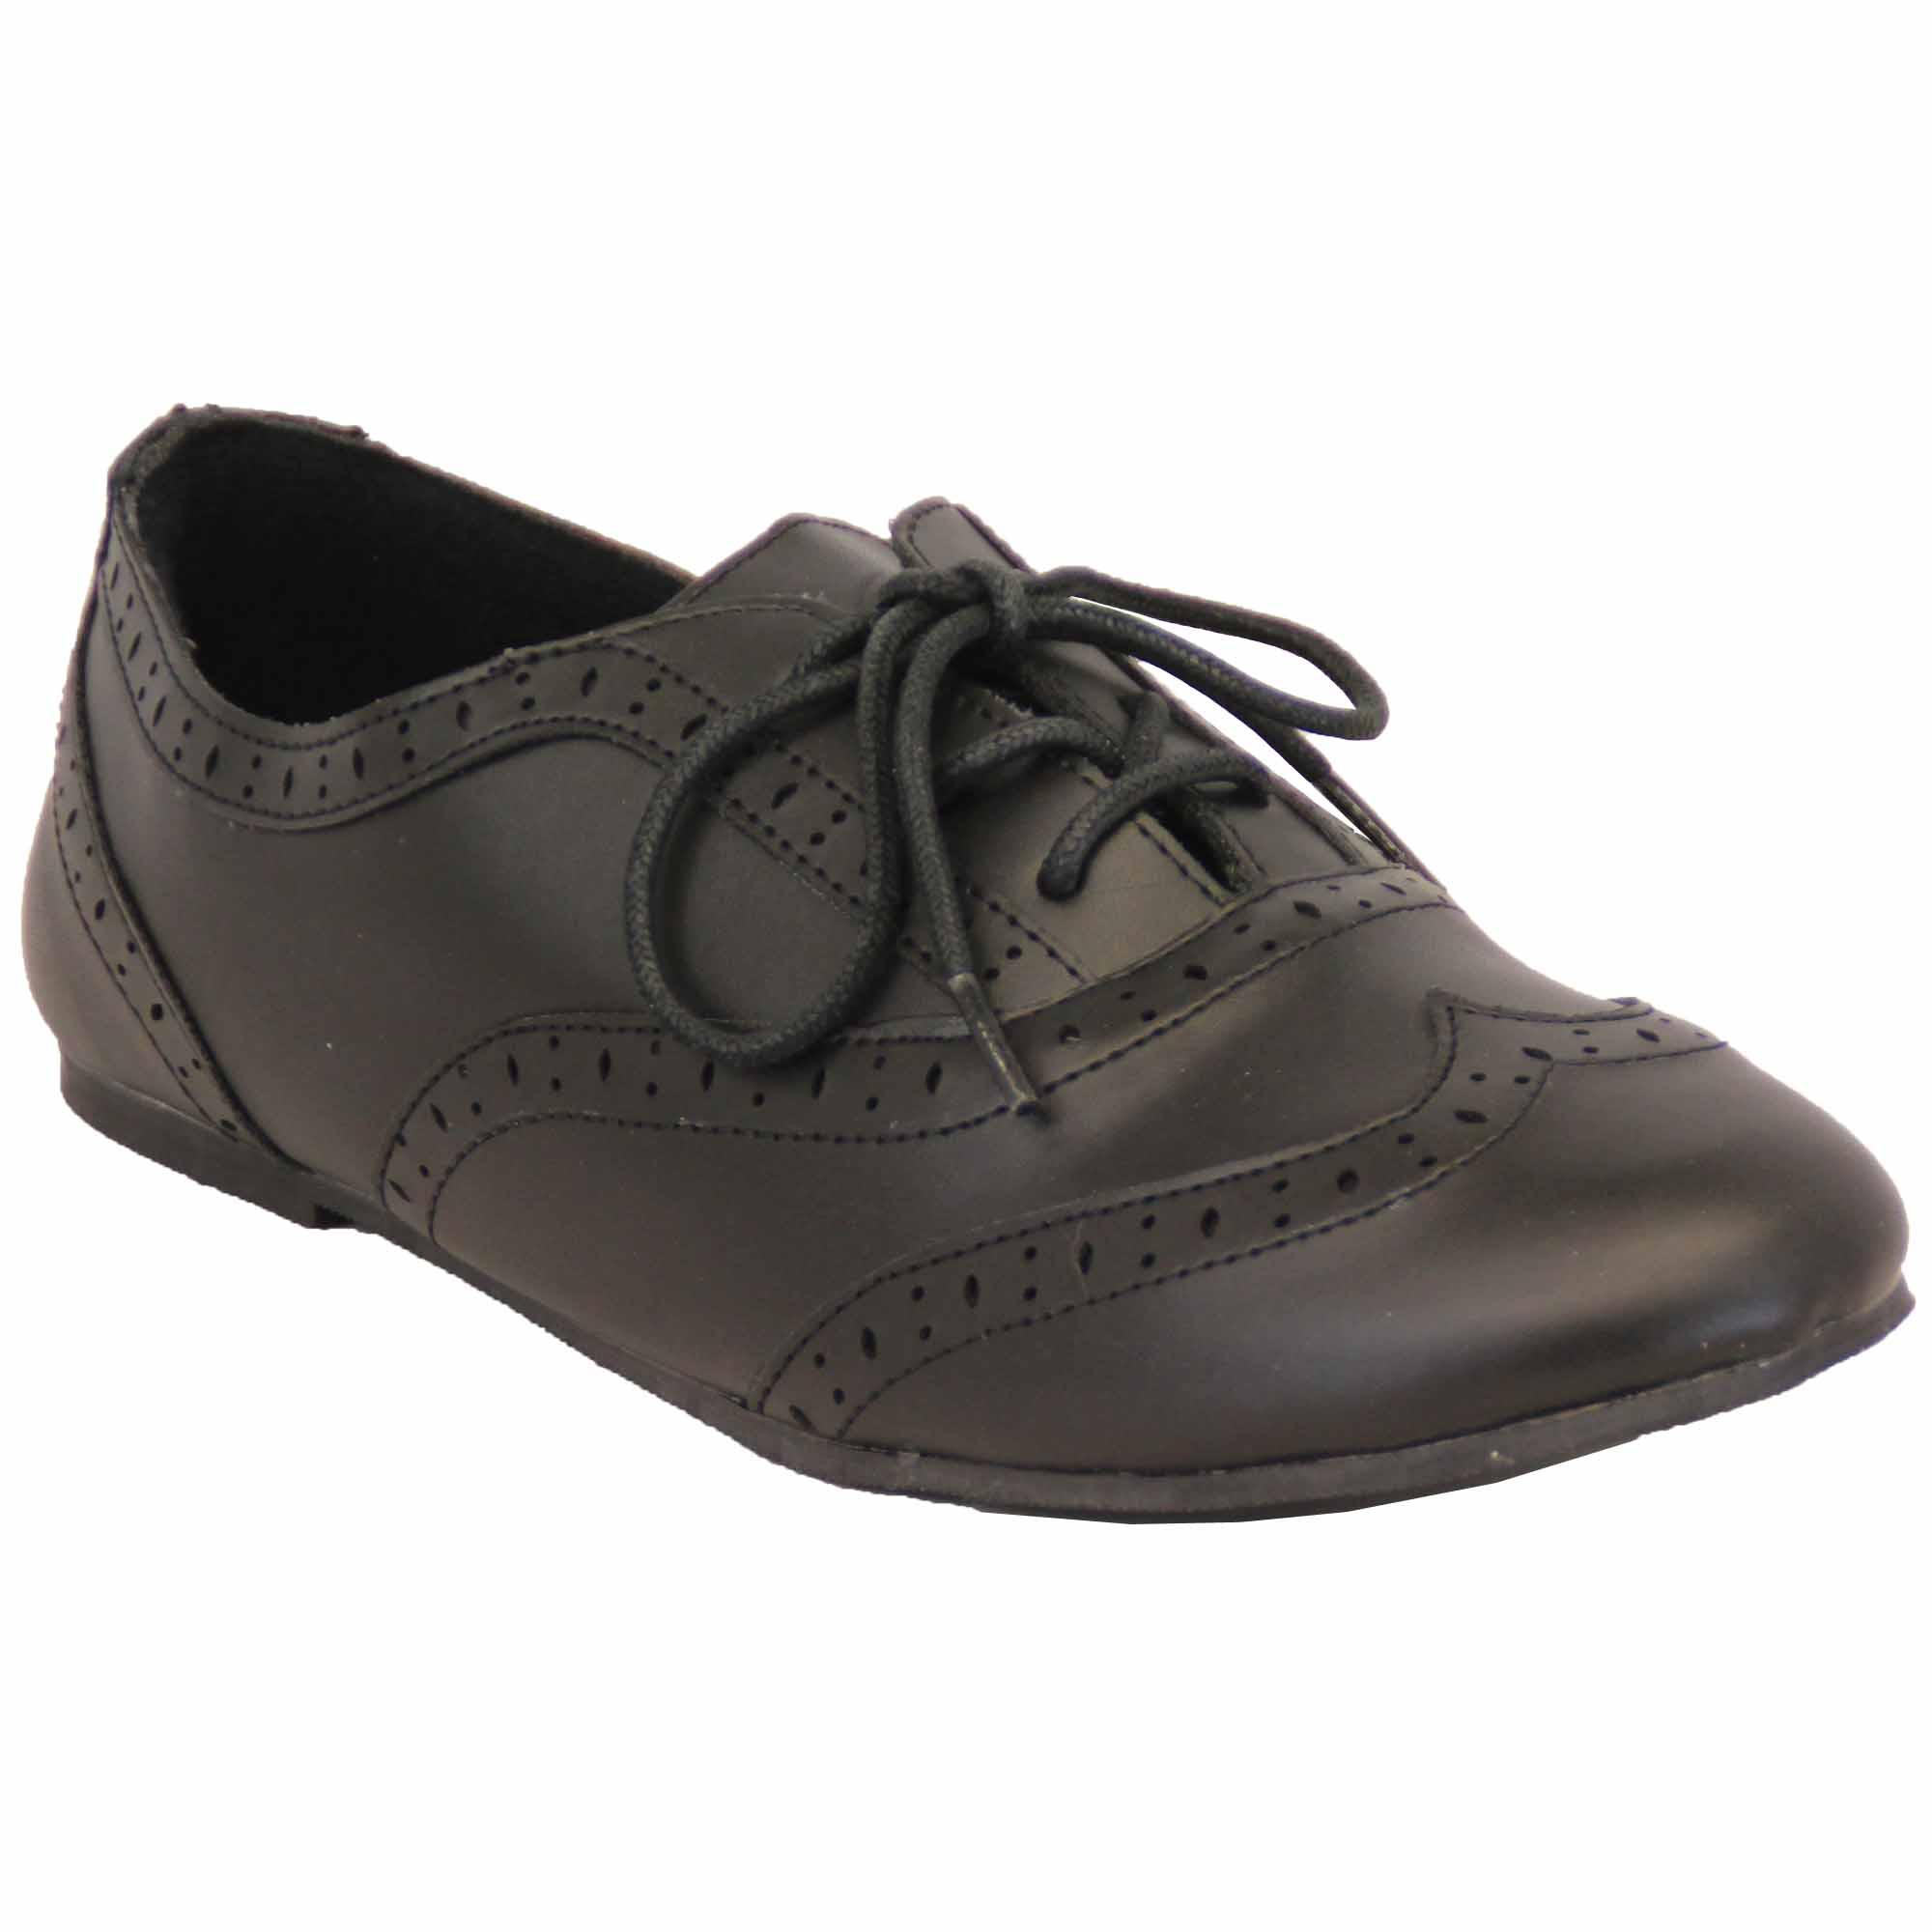 Allure Richelieu Mat Enfants École Fille Cuir Mariage Chaussures zFwqZpx